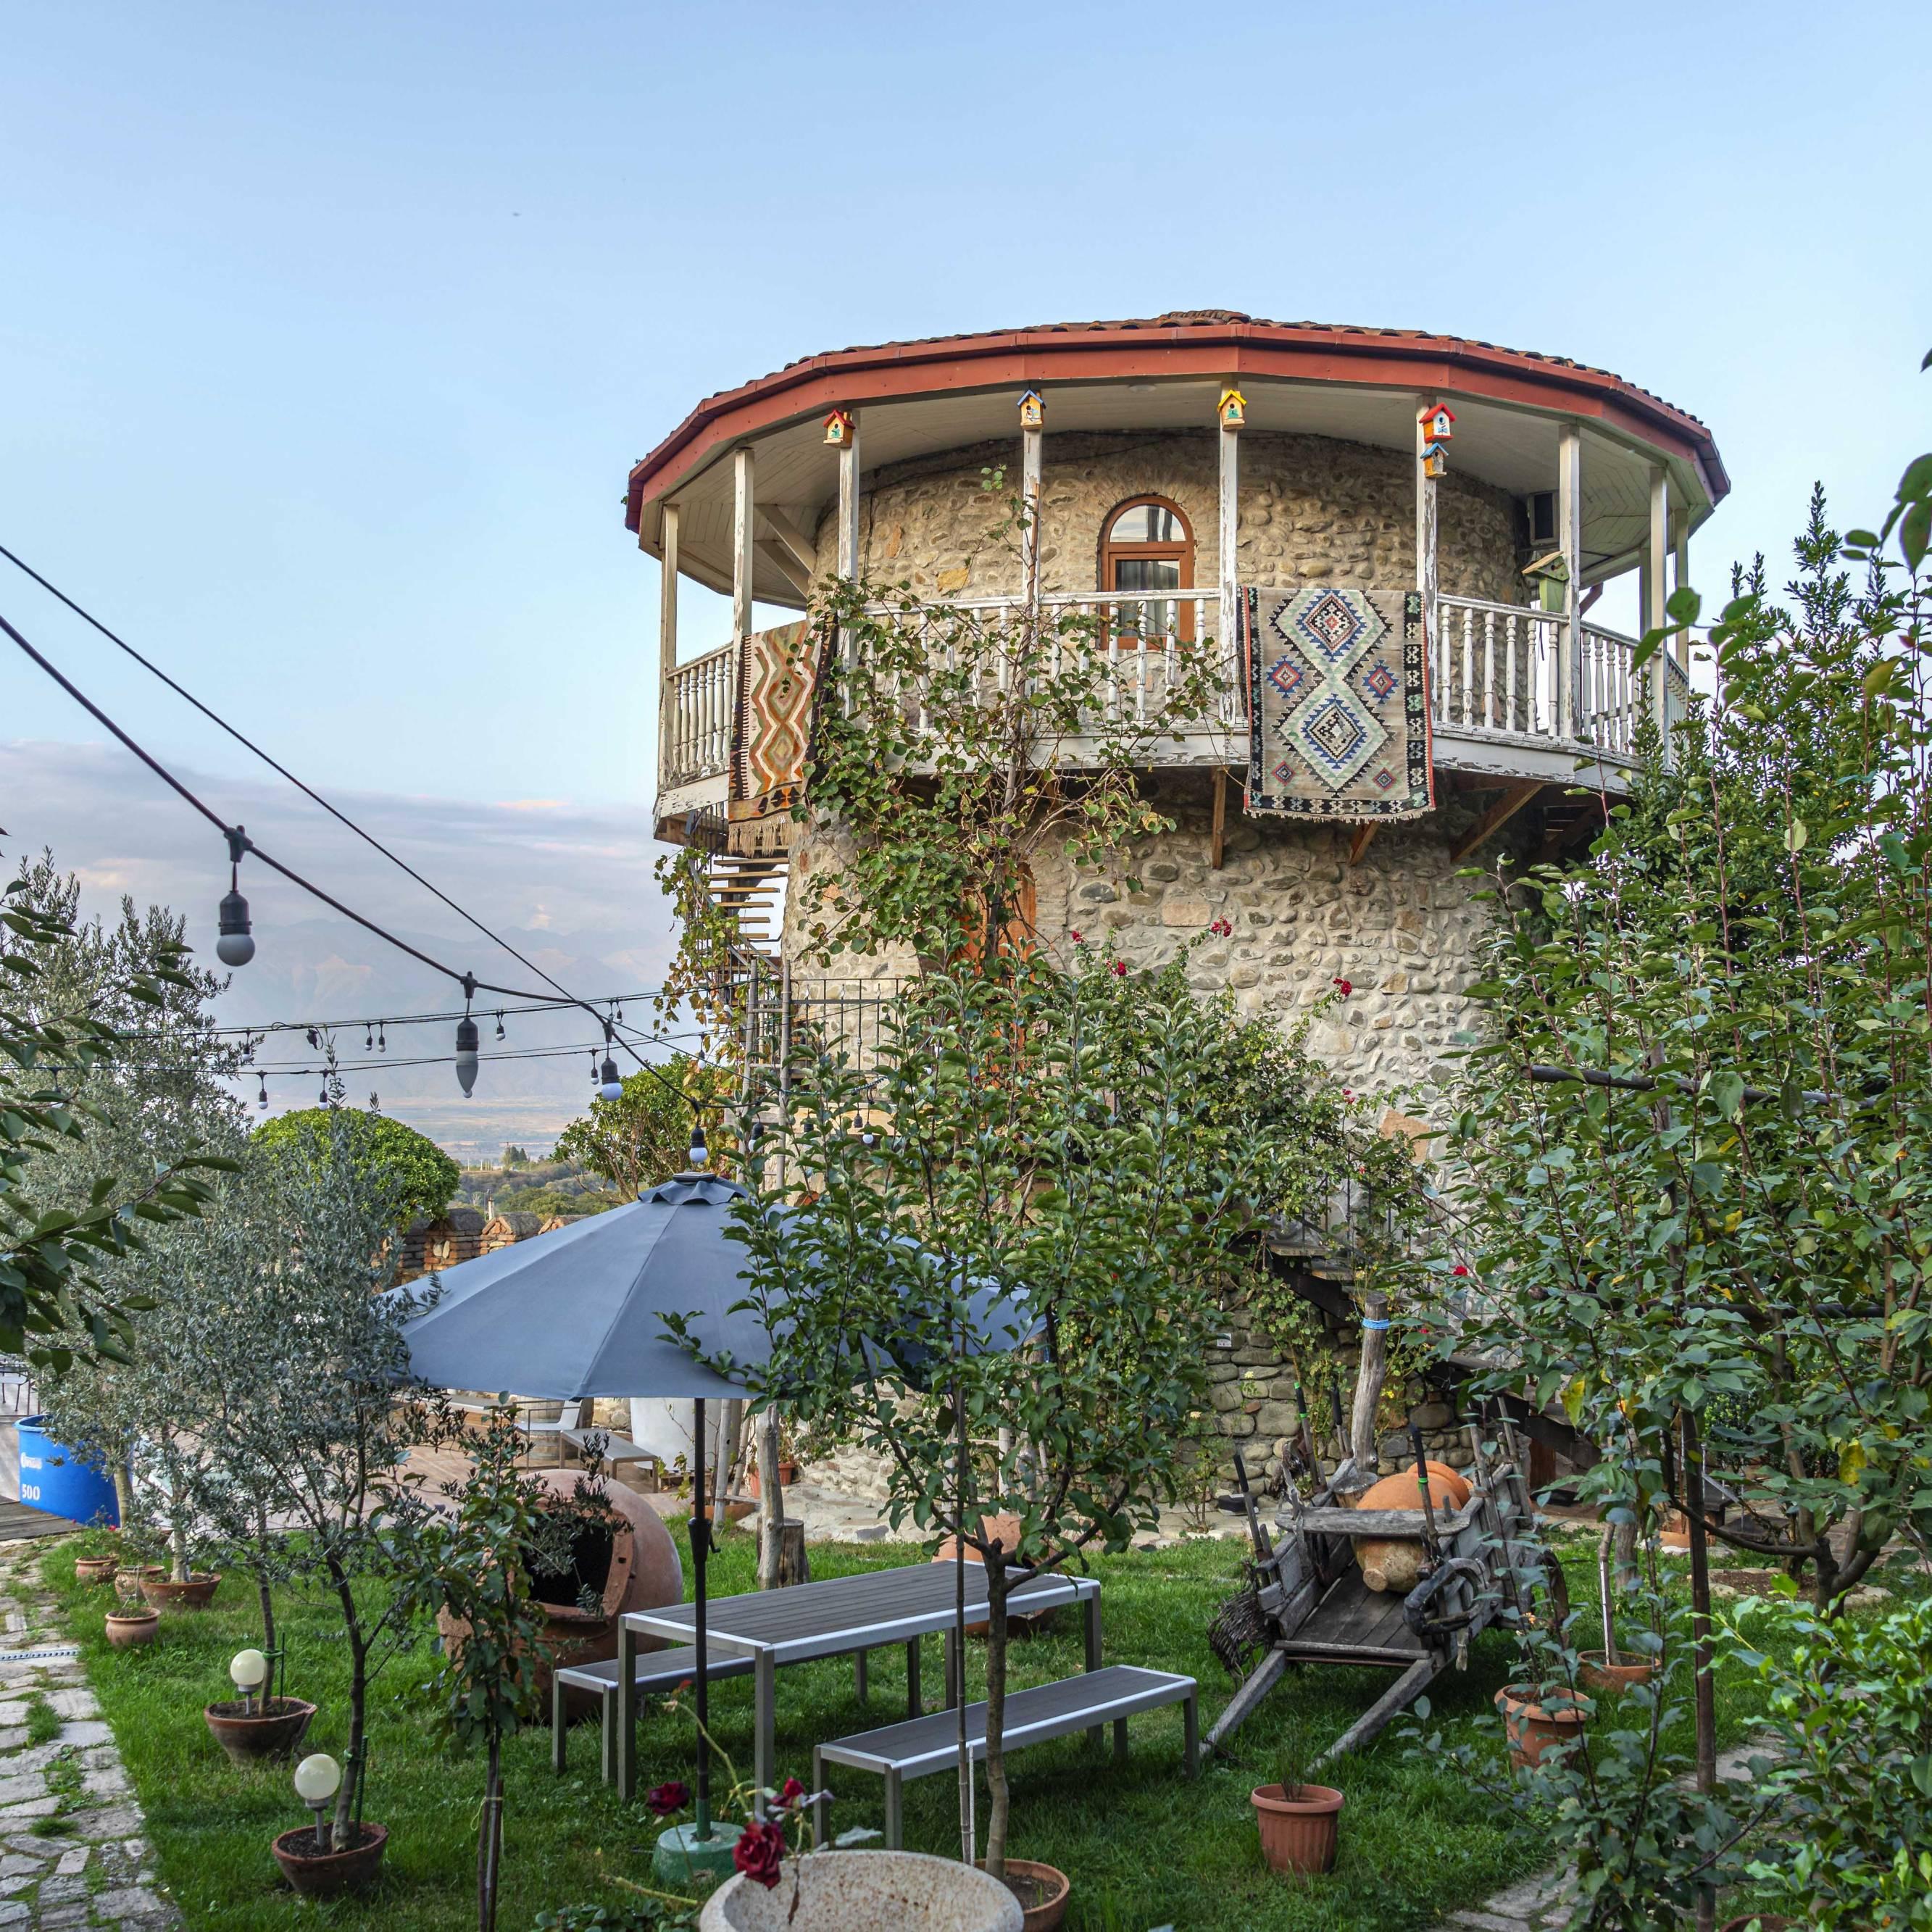 Chateau Mere in Kakheti